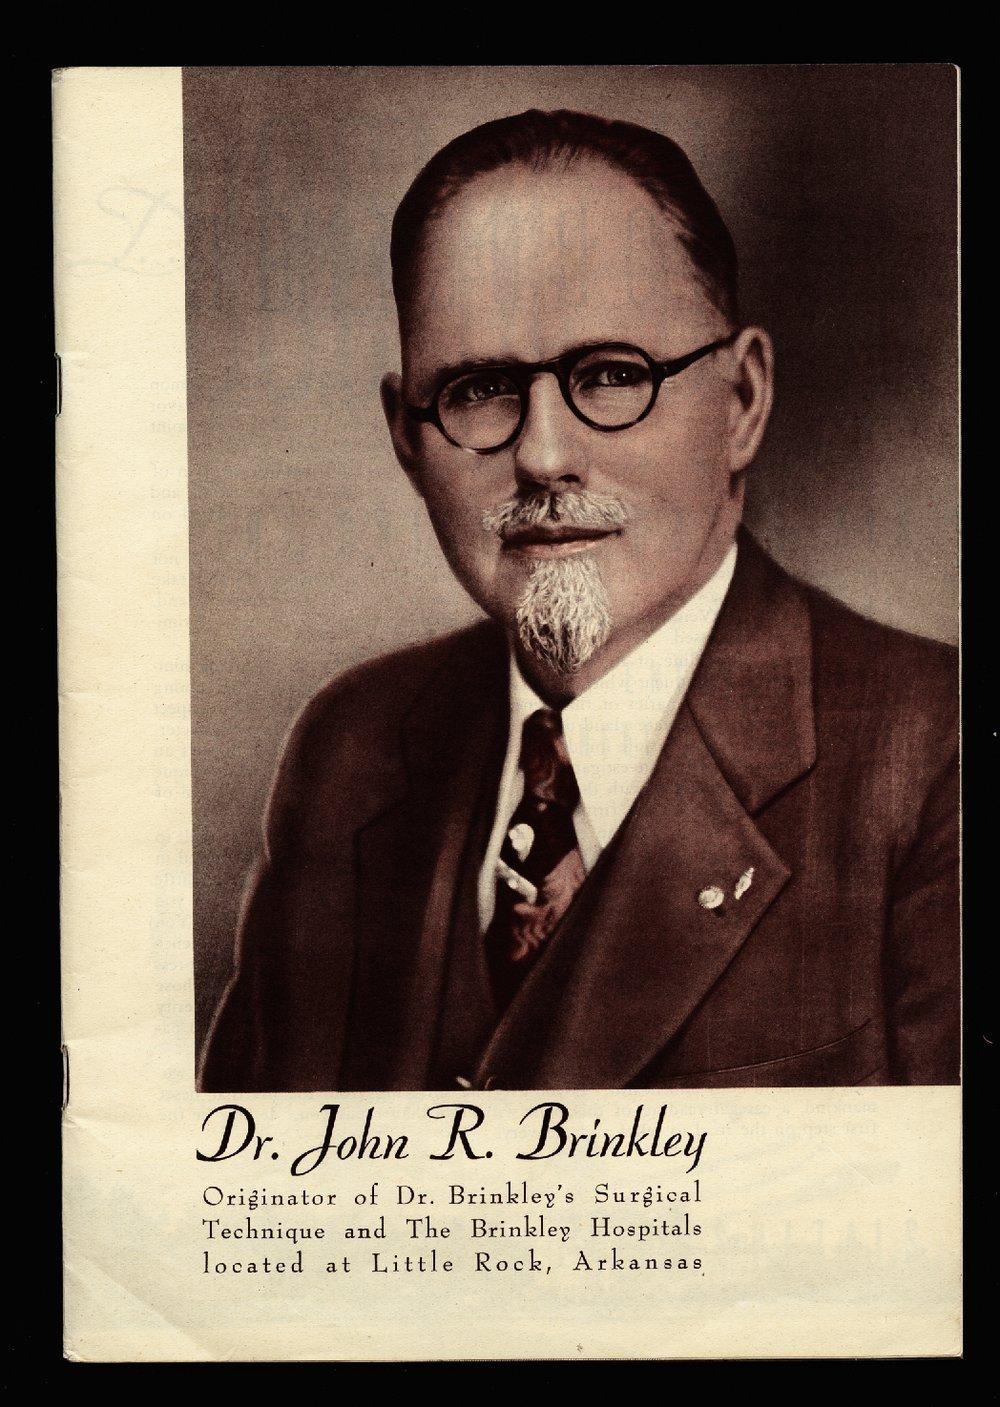 Dr. Brinkley's doctor book - Portrait